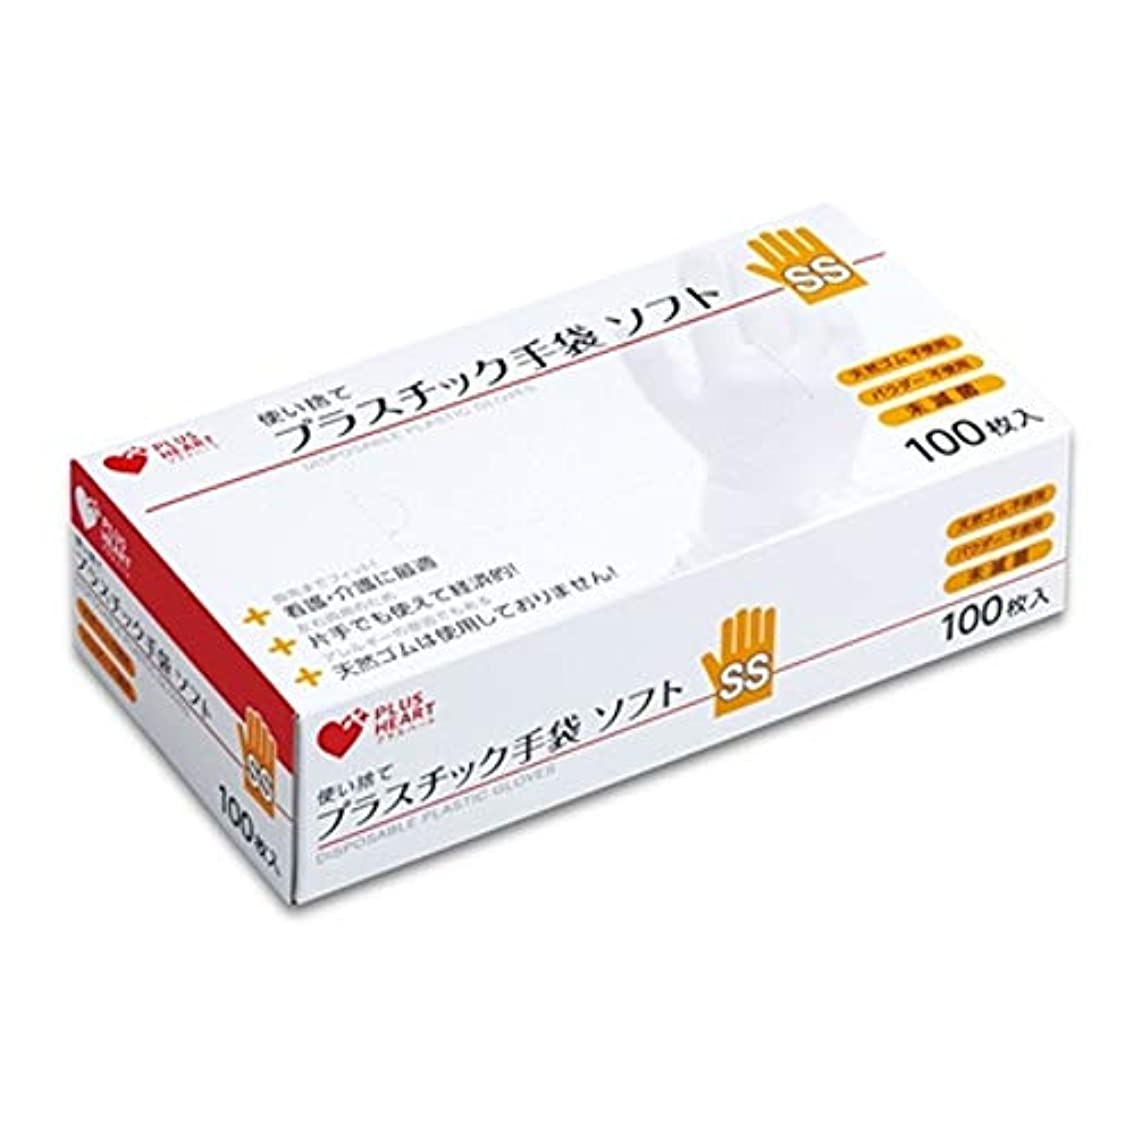 ダウン汚れた増幅オオサキメディカル 使い捨てプラスチック手袋ソフト SSサイズ 100枚入